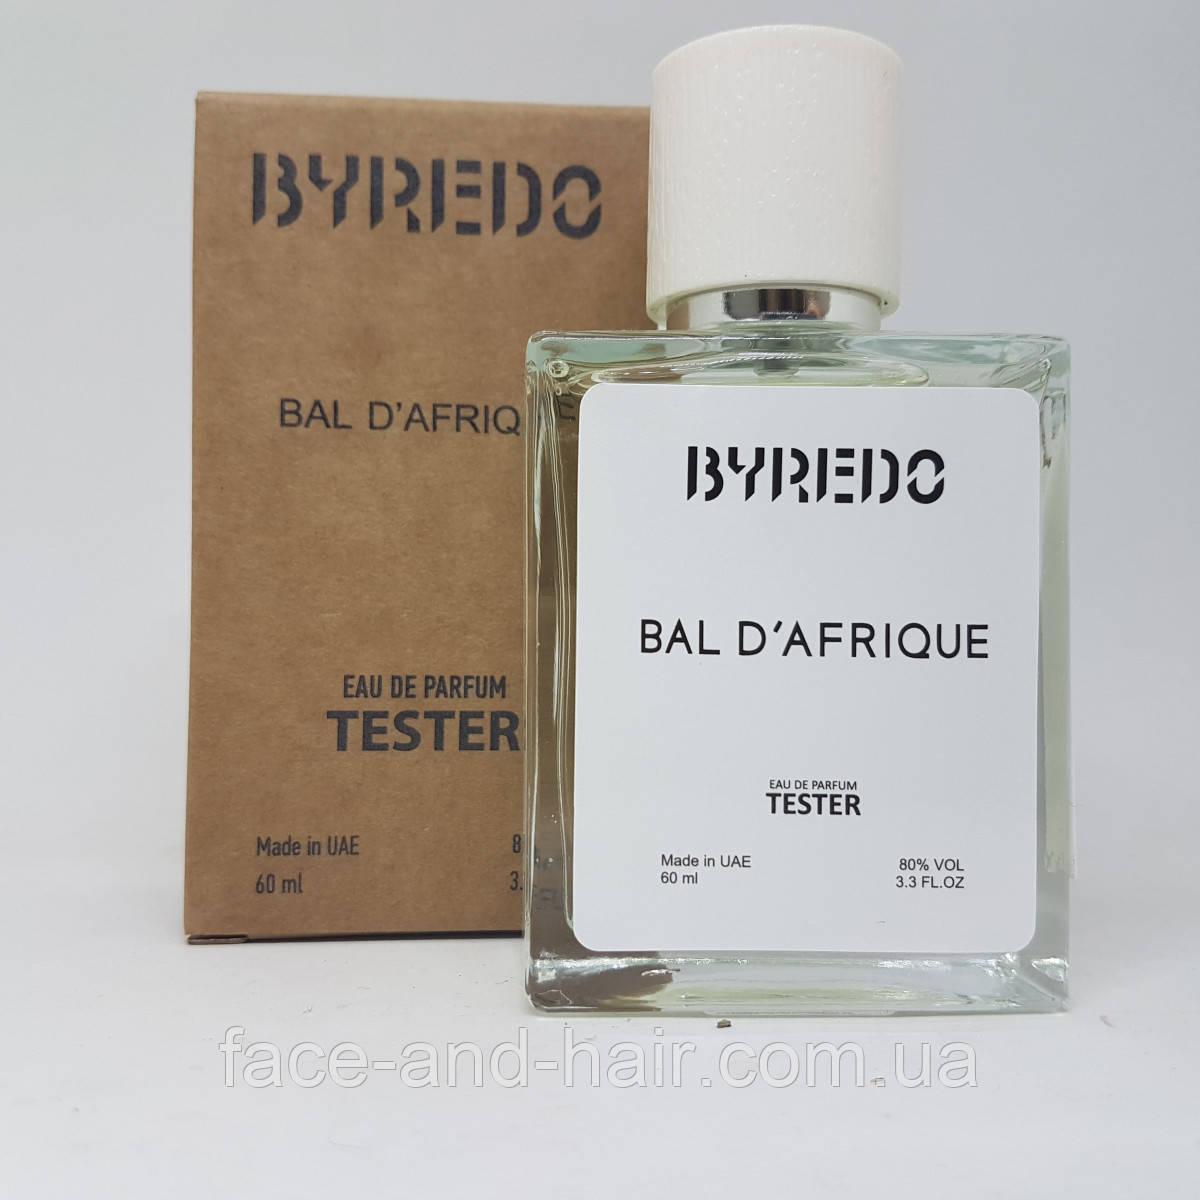 Byredo Bal D'Afrique - Quadro Tester 60ml